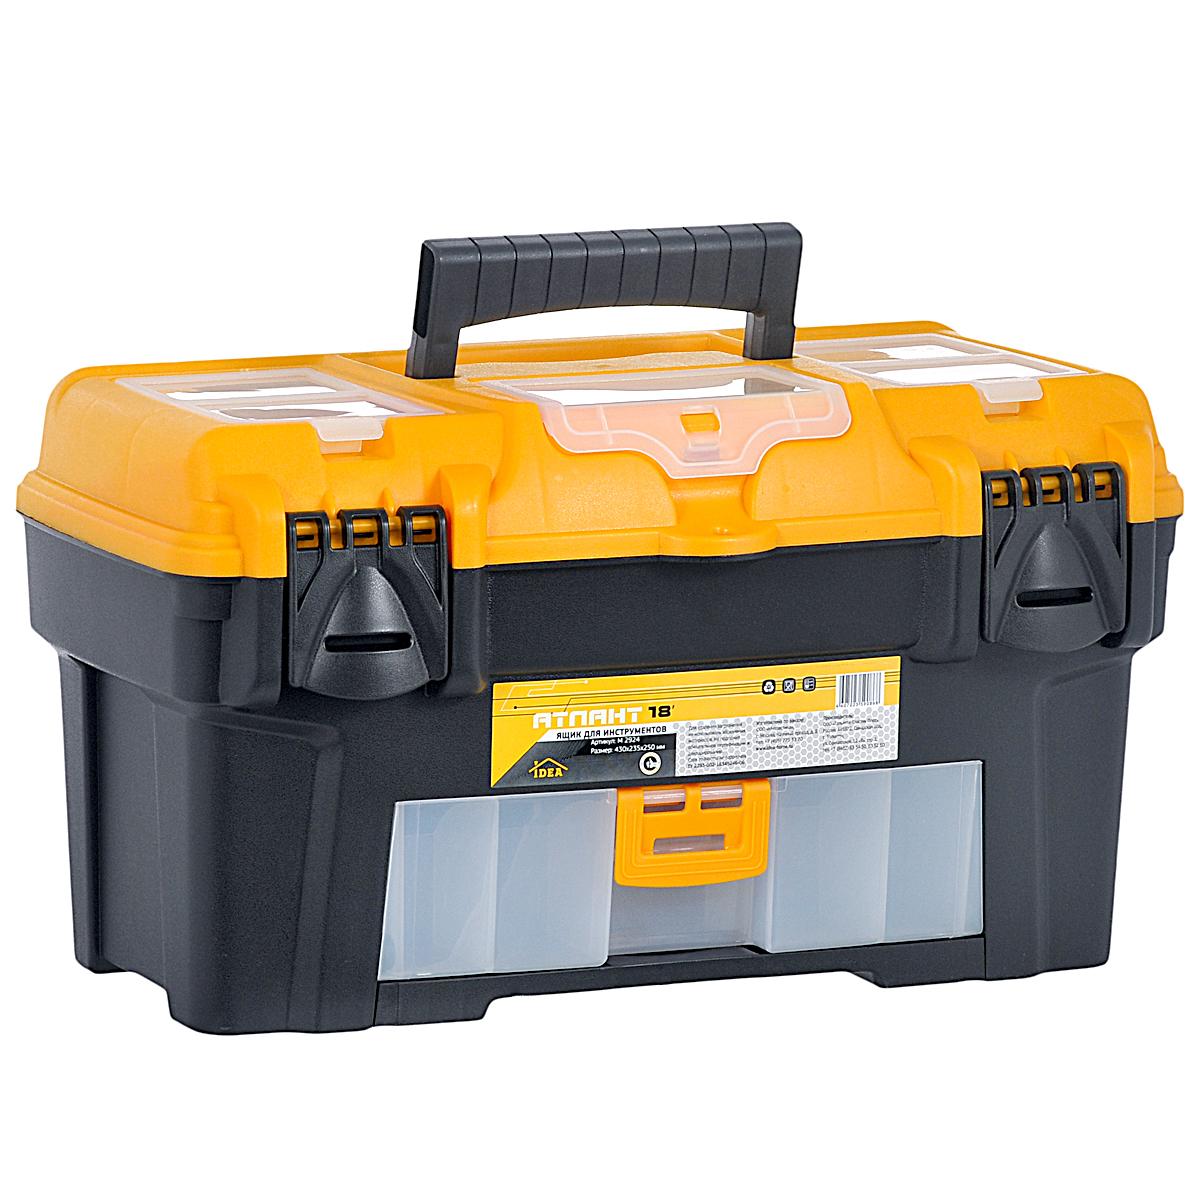 """Idea (М-пластика) Ящик для инструментов Idea """"Атлант 18"""", с органайзером, 43 см х 23,5 см х 25 см"""